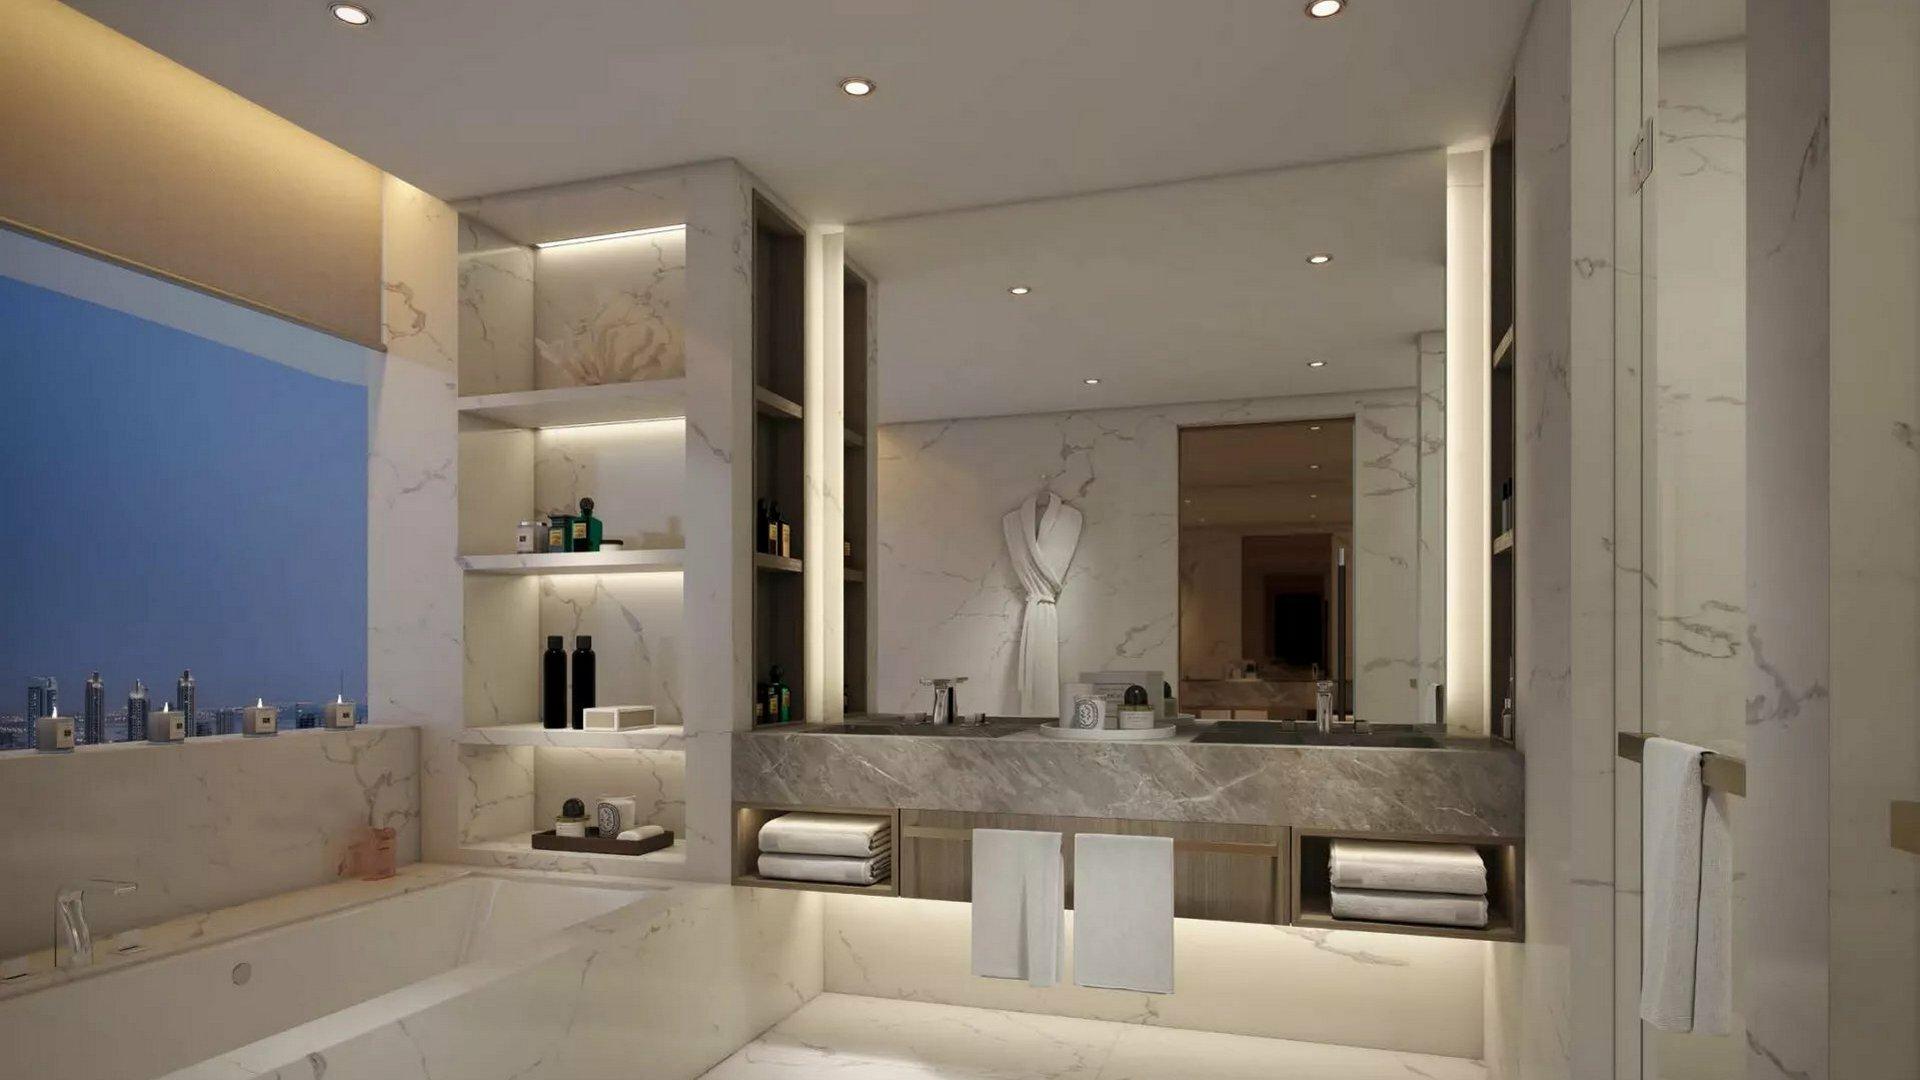 Ático en venta en Dubai, EAU, 5 dormitorios, 1073 m2, № 24033 – foto 8